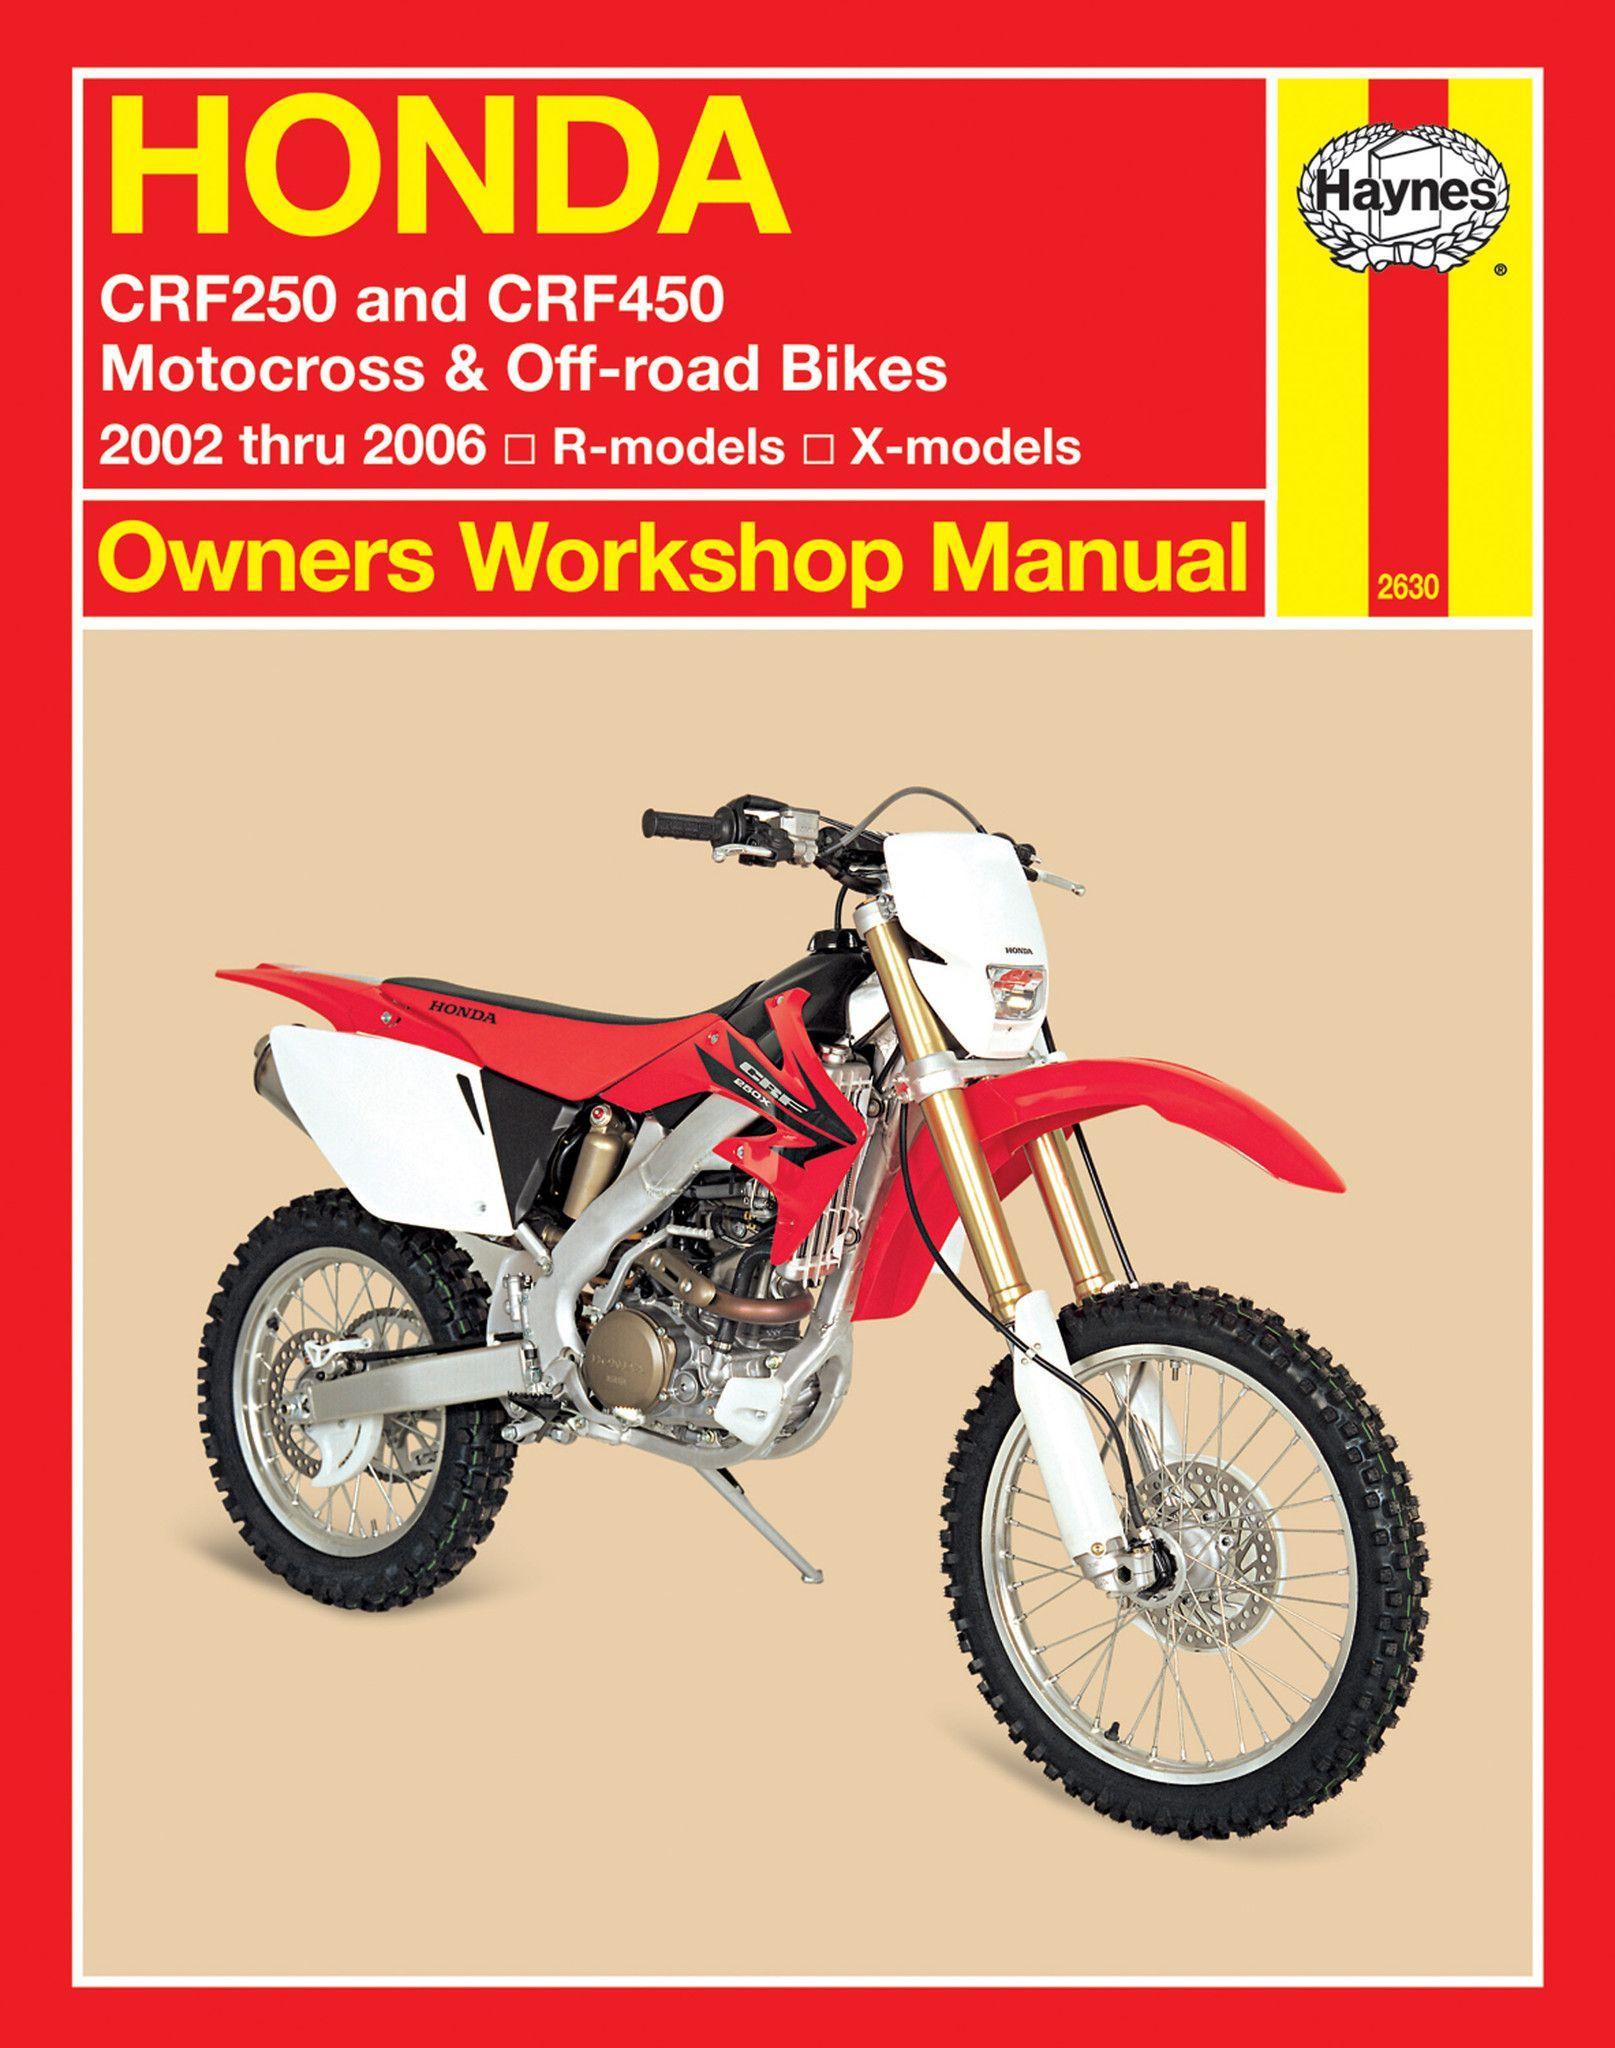 Haynes M2630 Repair Manual for 2004-06 Honda CRF250R / CRF250X / CRF450R /  CRF450X